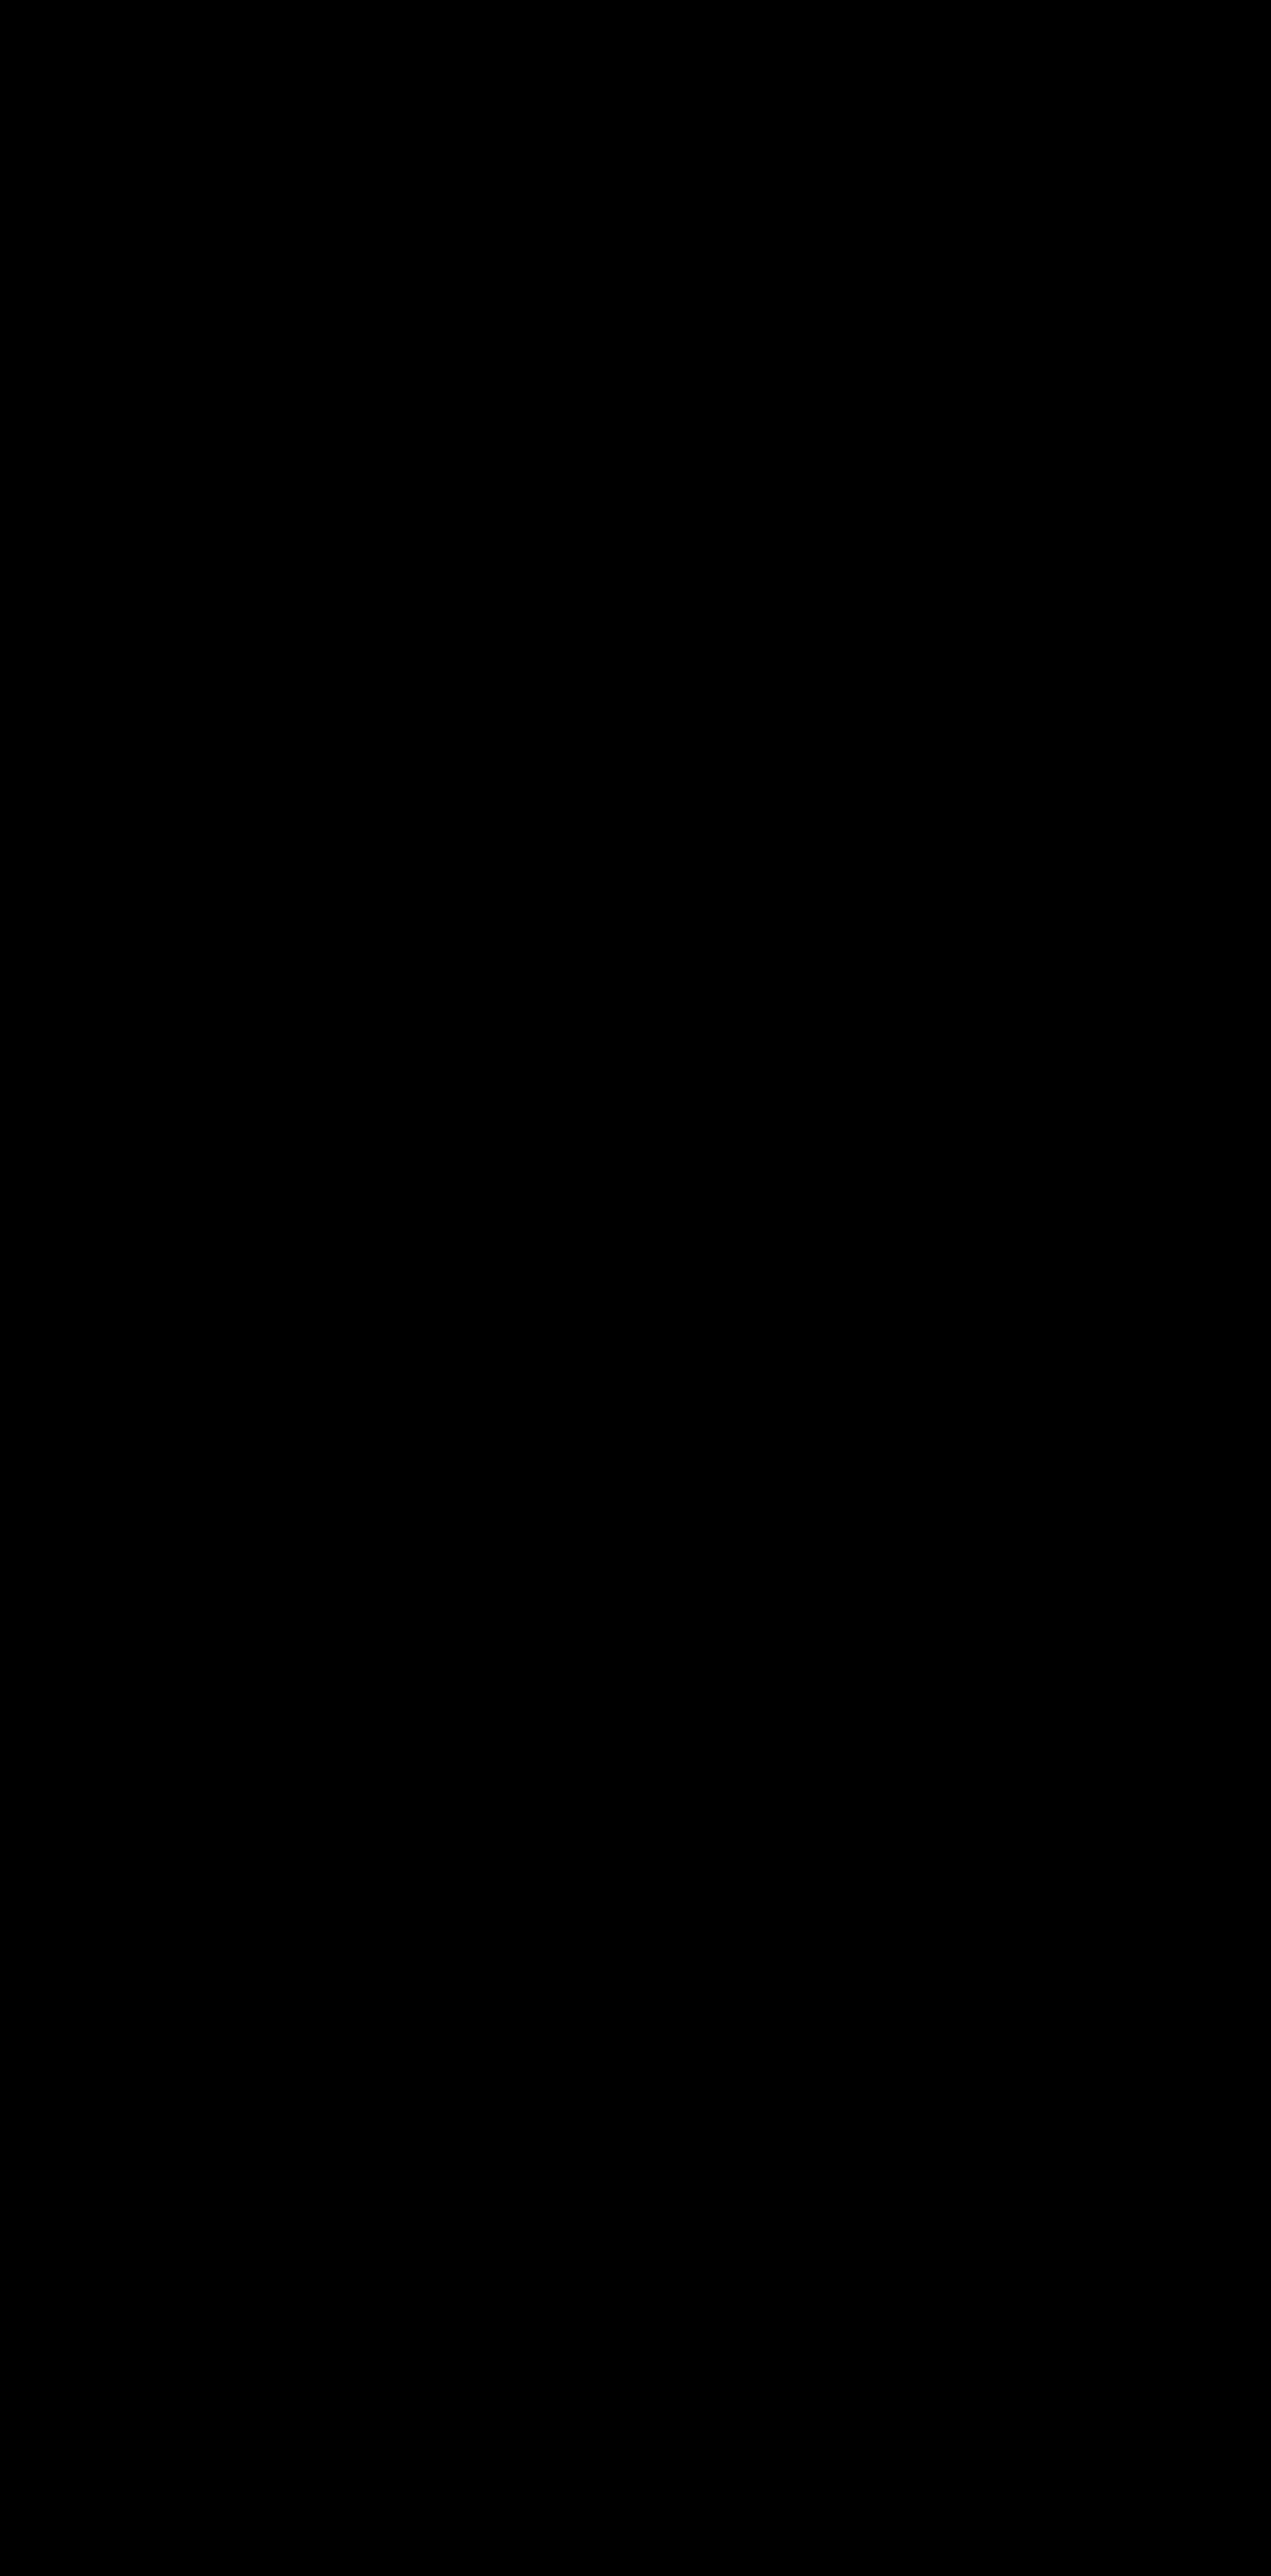 Vinaròs, dissabte es disputarà del 10K Nocturn Llagostí de Vinaròs